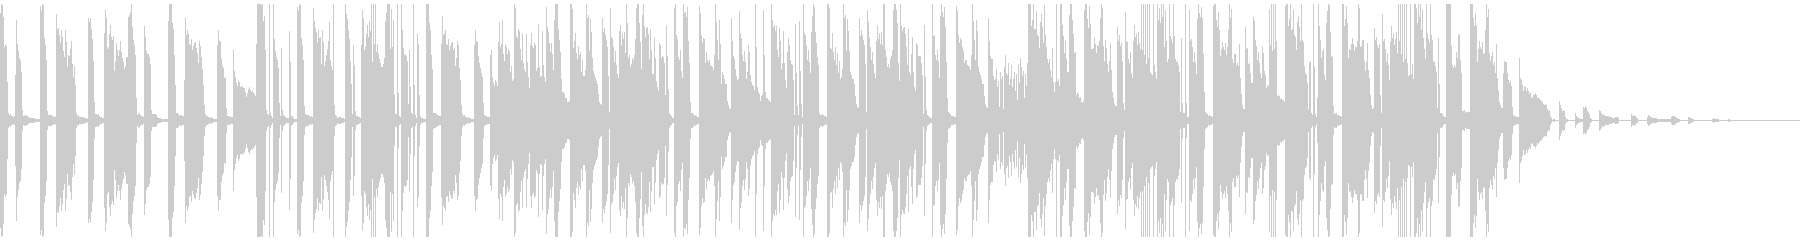 電子ピアノのクリアなモダンエレクトロの未再生の波形